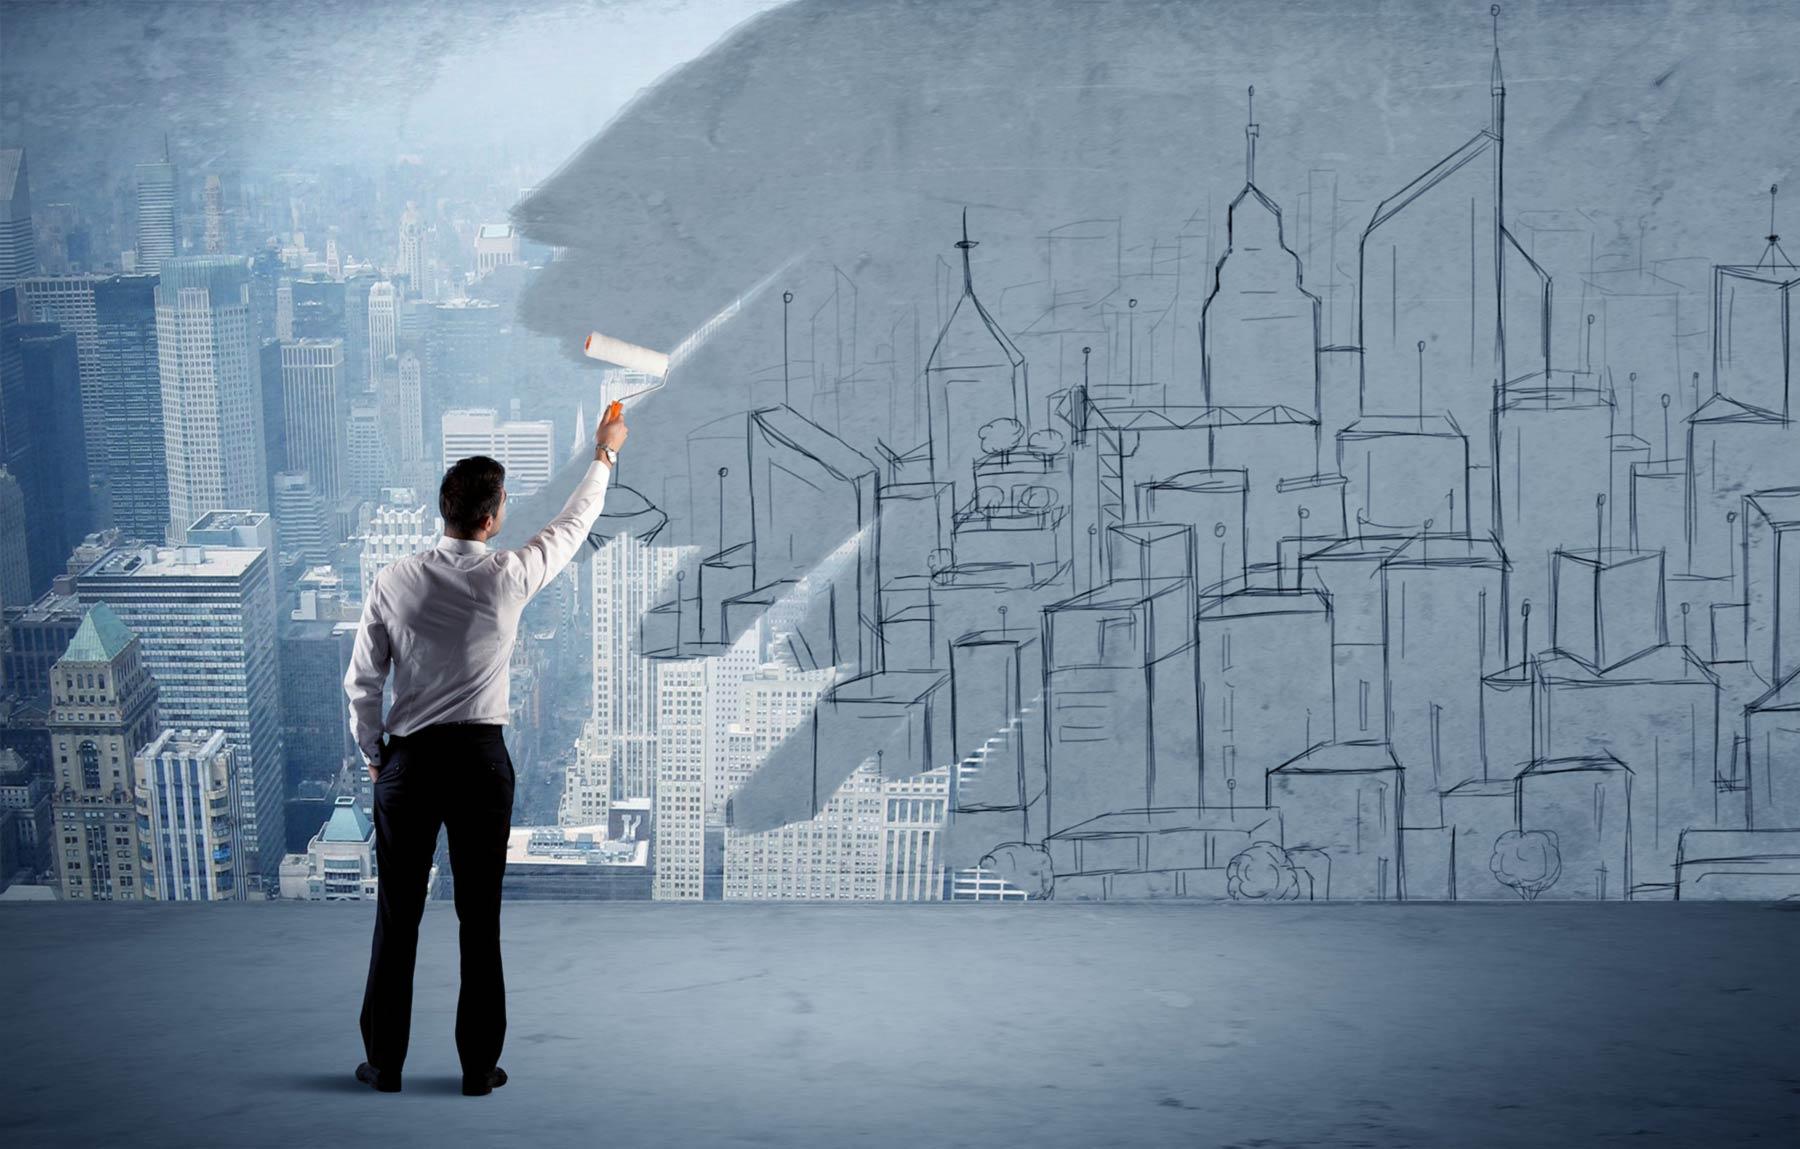 homme transformant à l'aide d'un pinceau une grande ville fictive en réalité